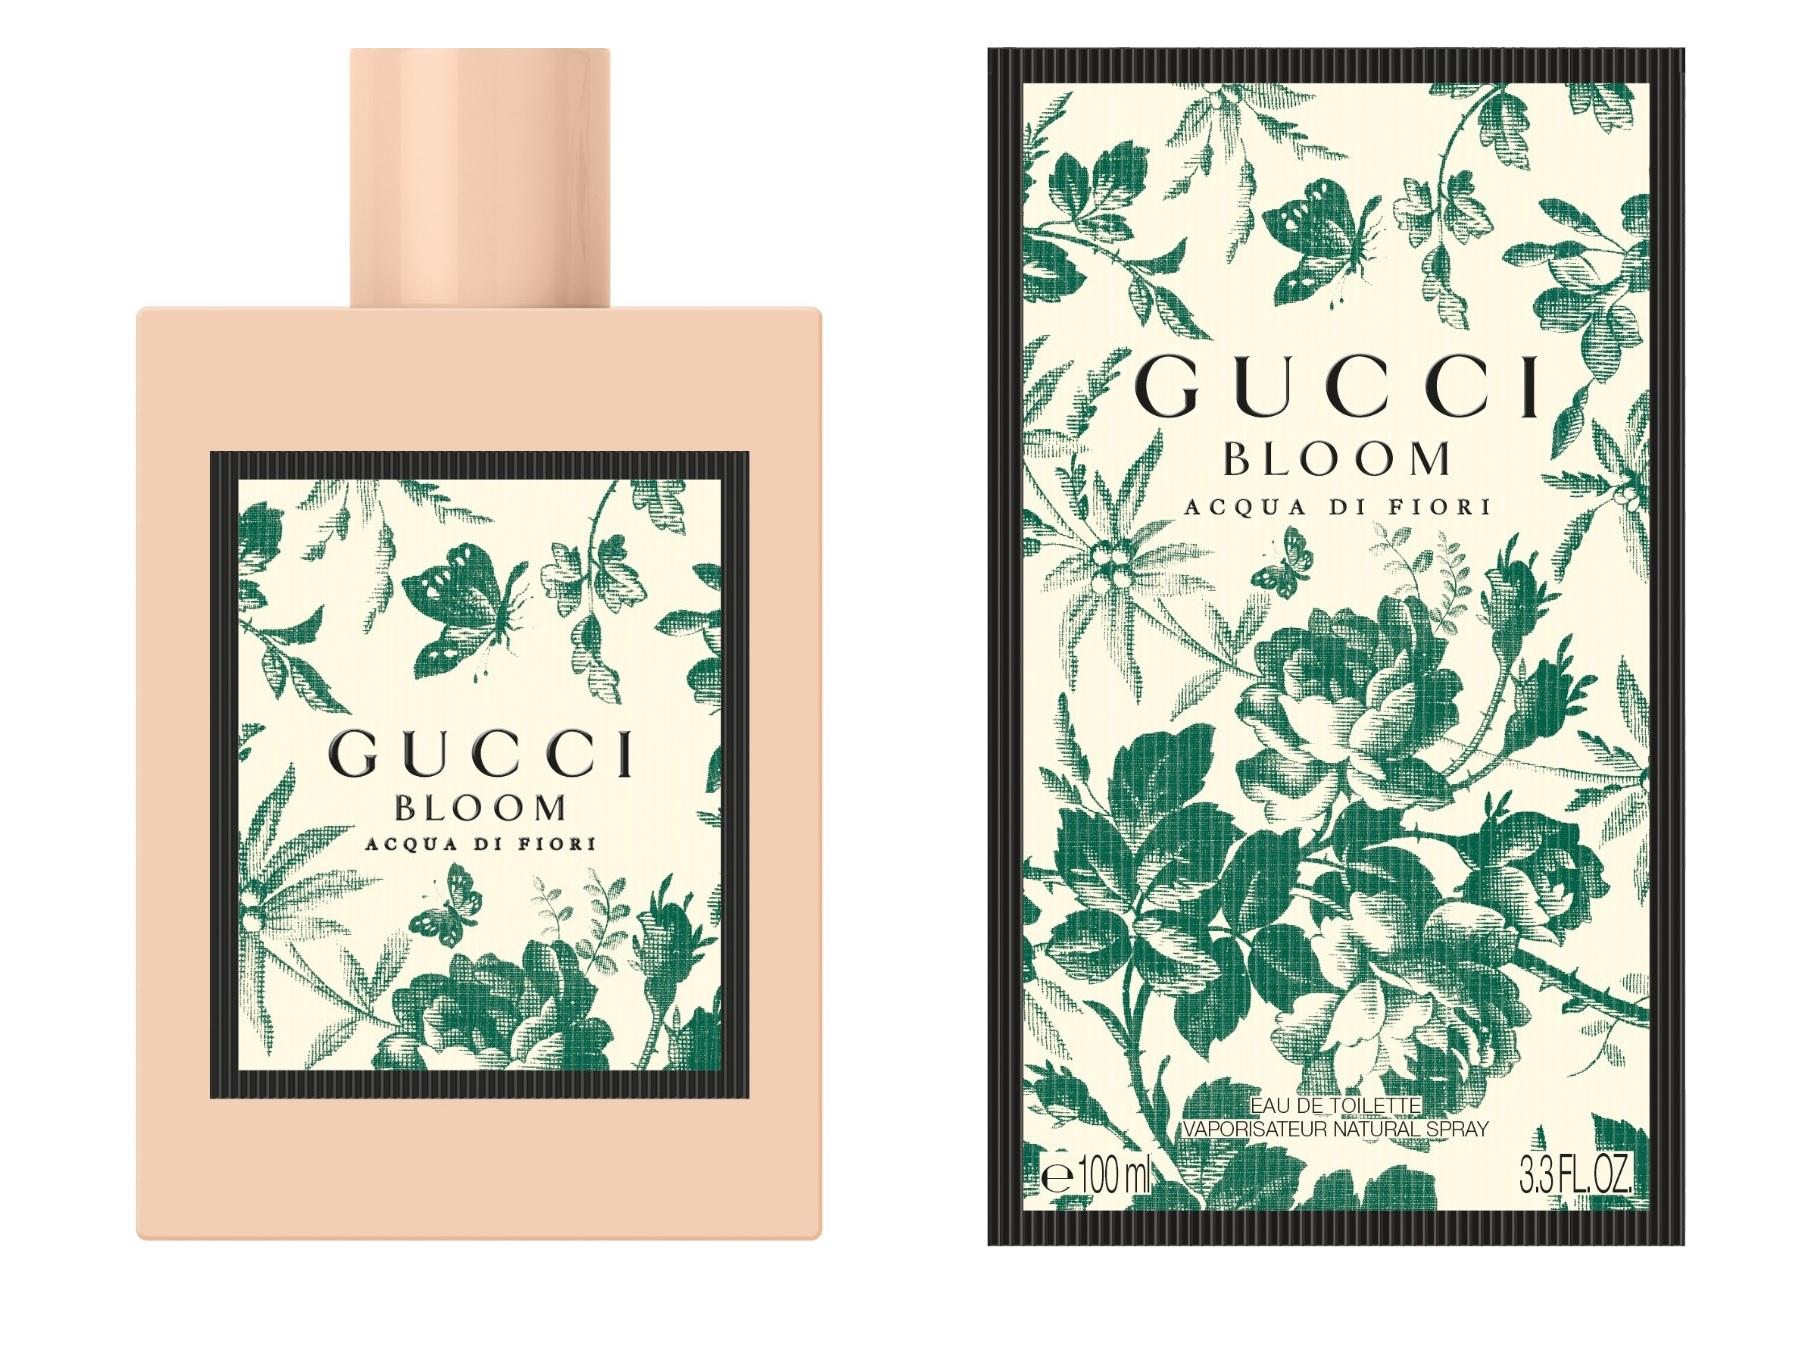 4d34bb3c7 Gucci Bloom Acqua Di Fiori الإصدار الجديد من غوتشي بلوم ~ إصدار جديد